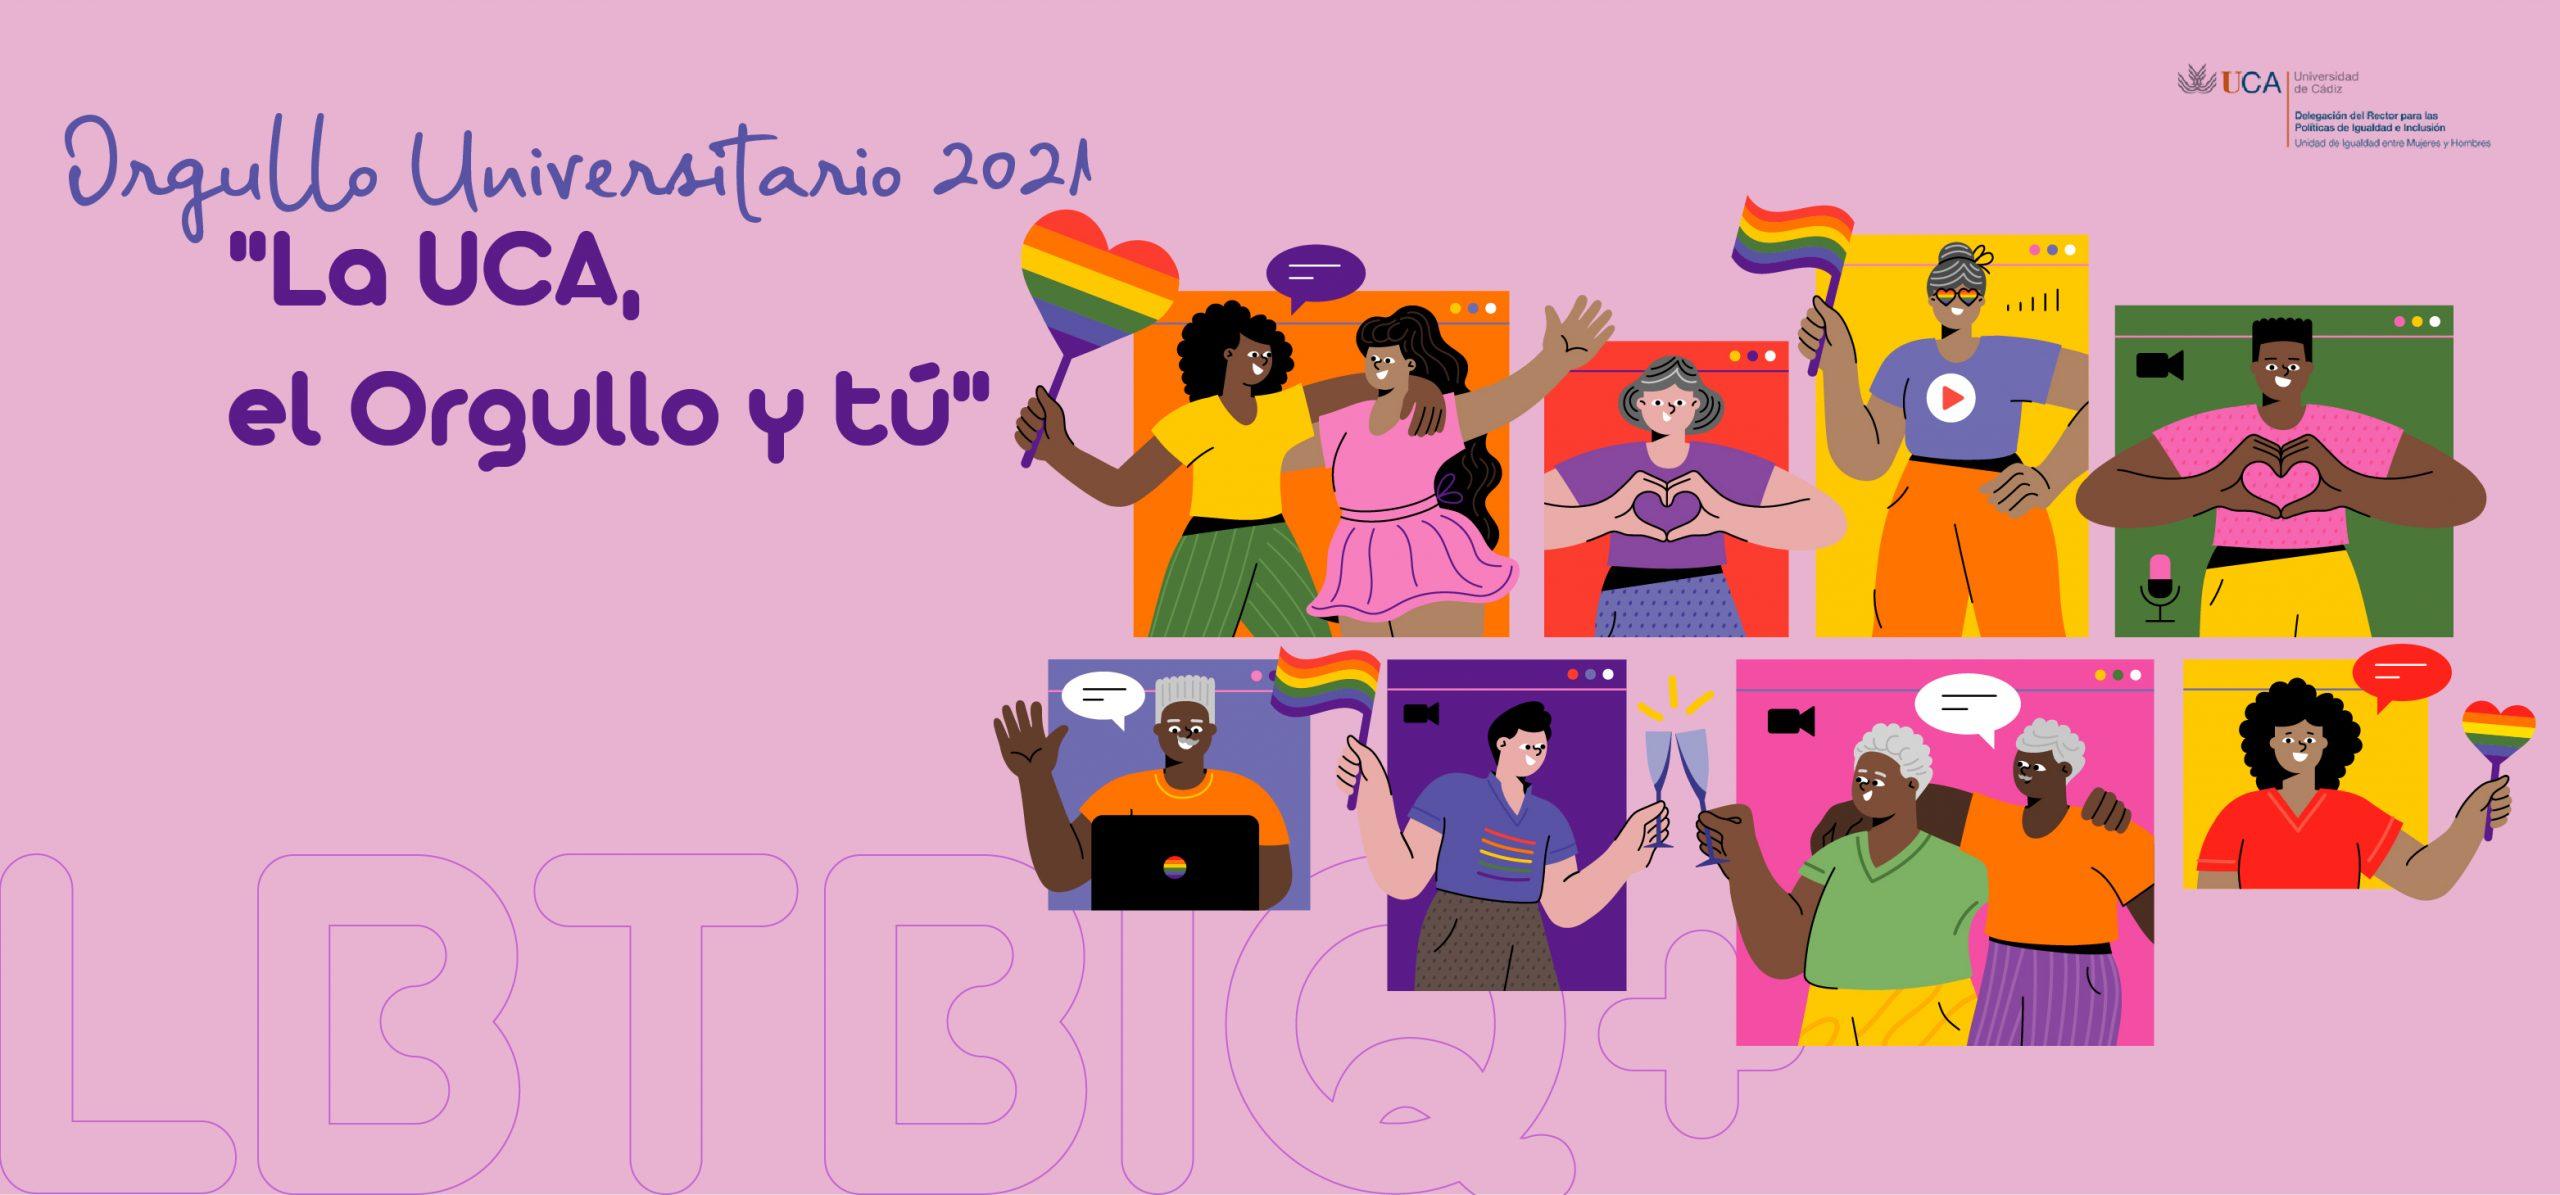 """Programa monográfico sobre el """"Orgullo universitario 2021"""" de Radio UCA Incluye"""